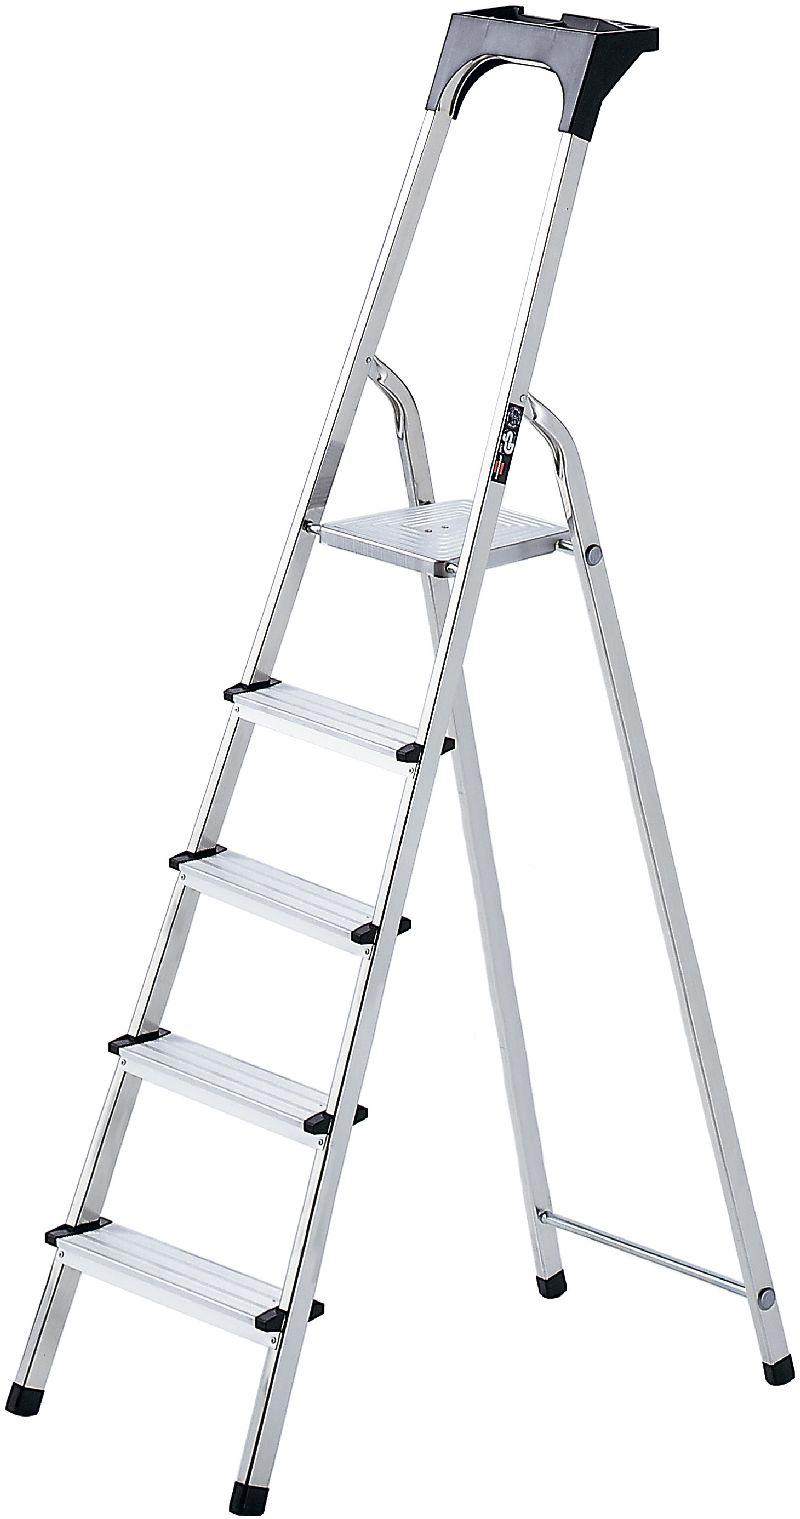 Haushaltsleiter Aluminium mit Arbeitsschale 5 Stufen Plattformhöhe 1m